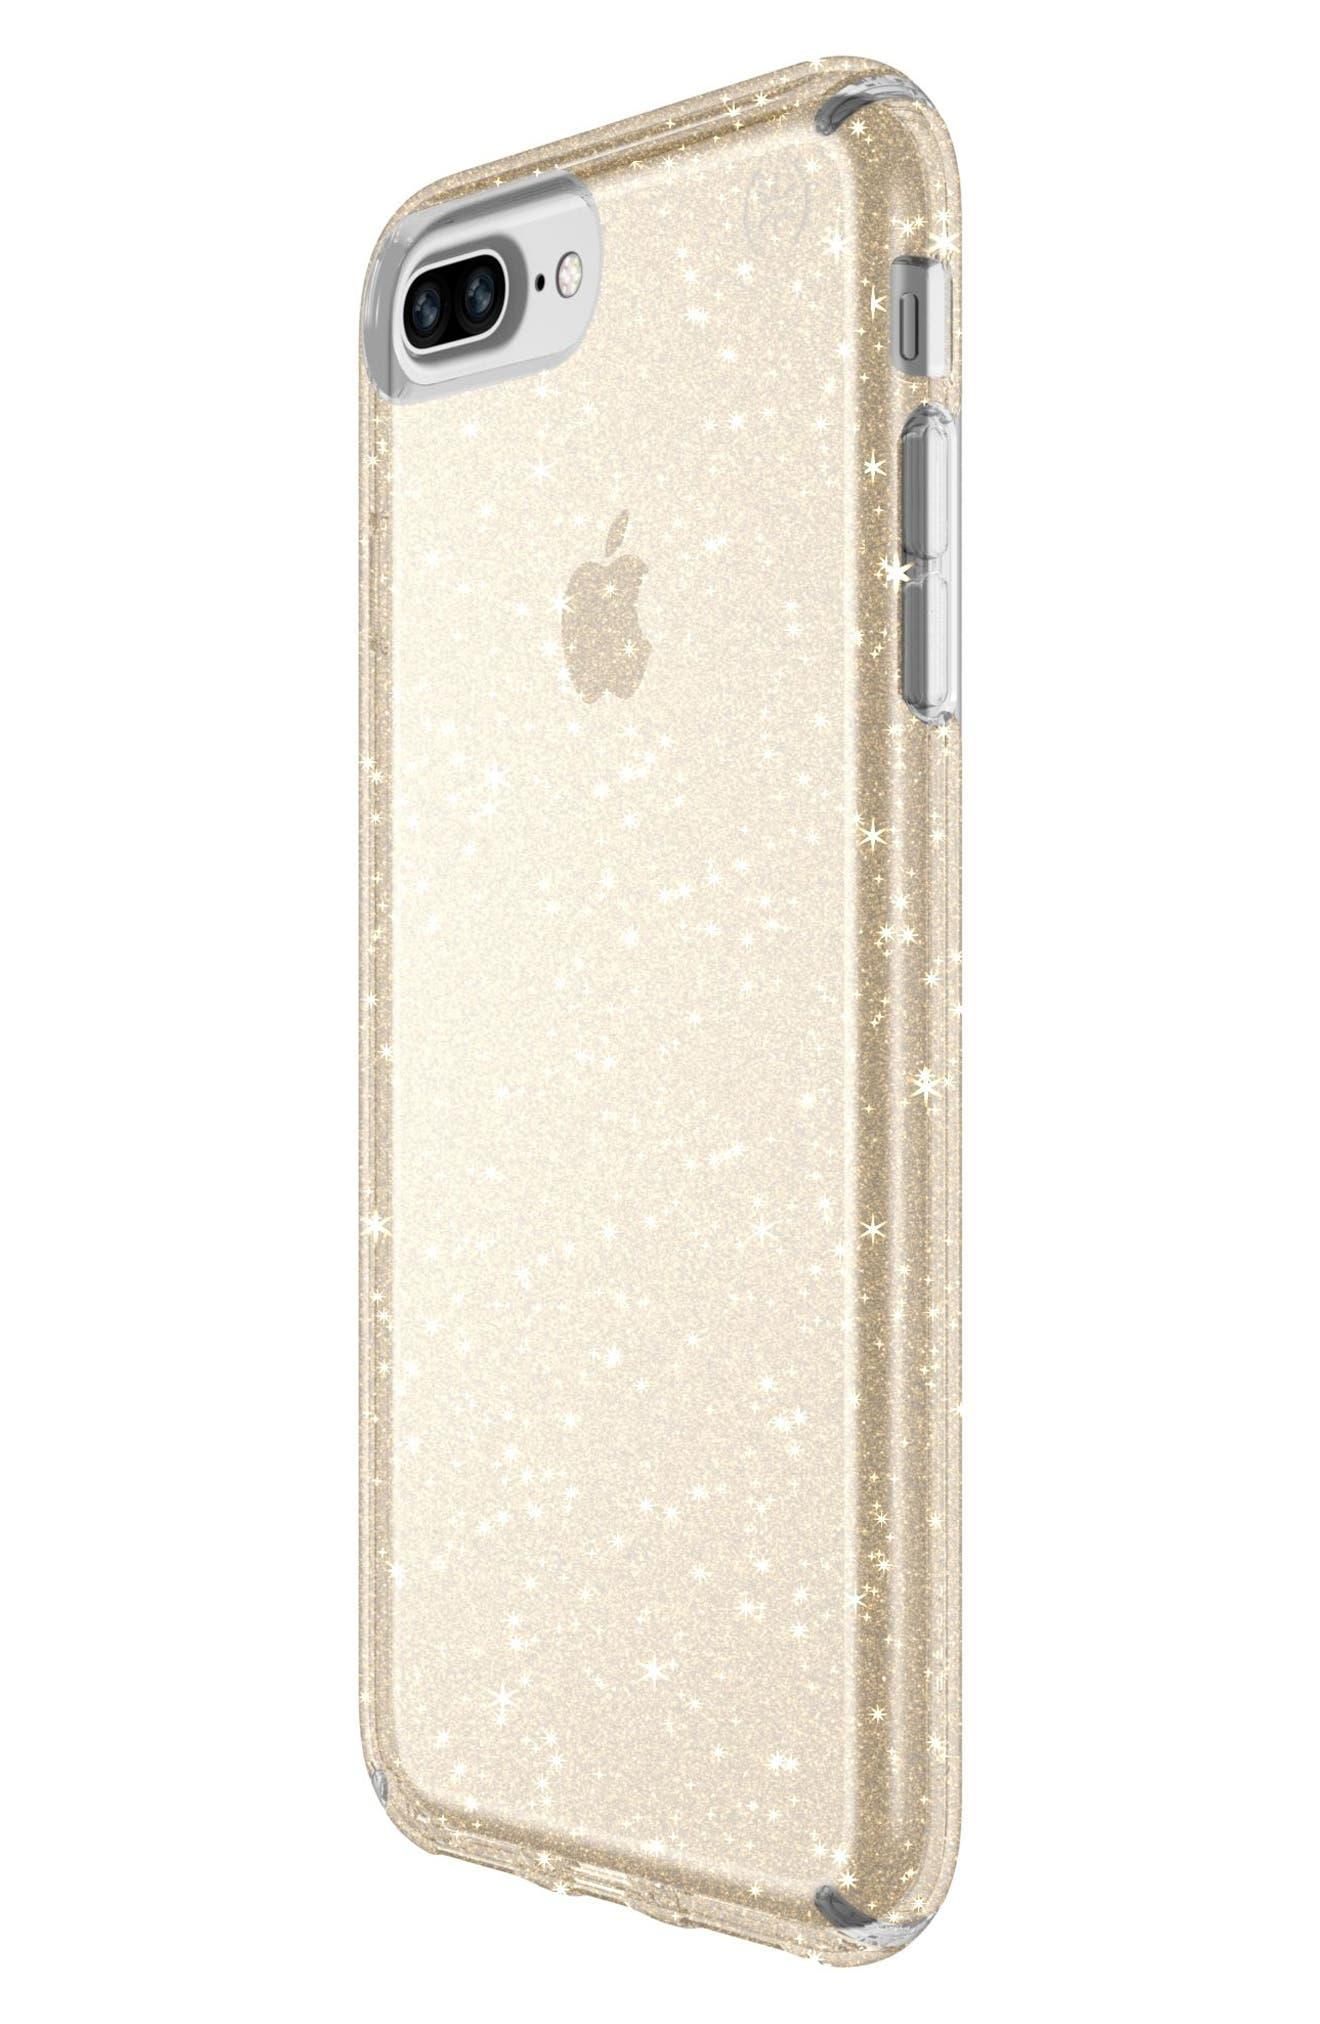 iPhone 6/6s/7/8 Plus Case,                             Alternate thumbnail 5, color,                             716